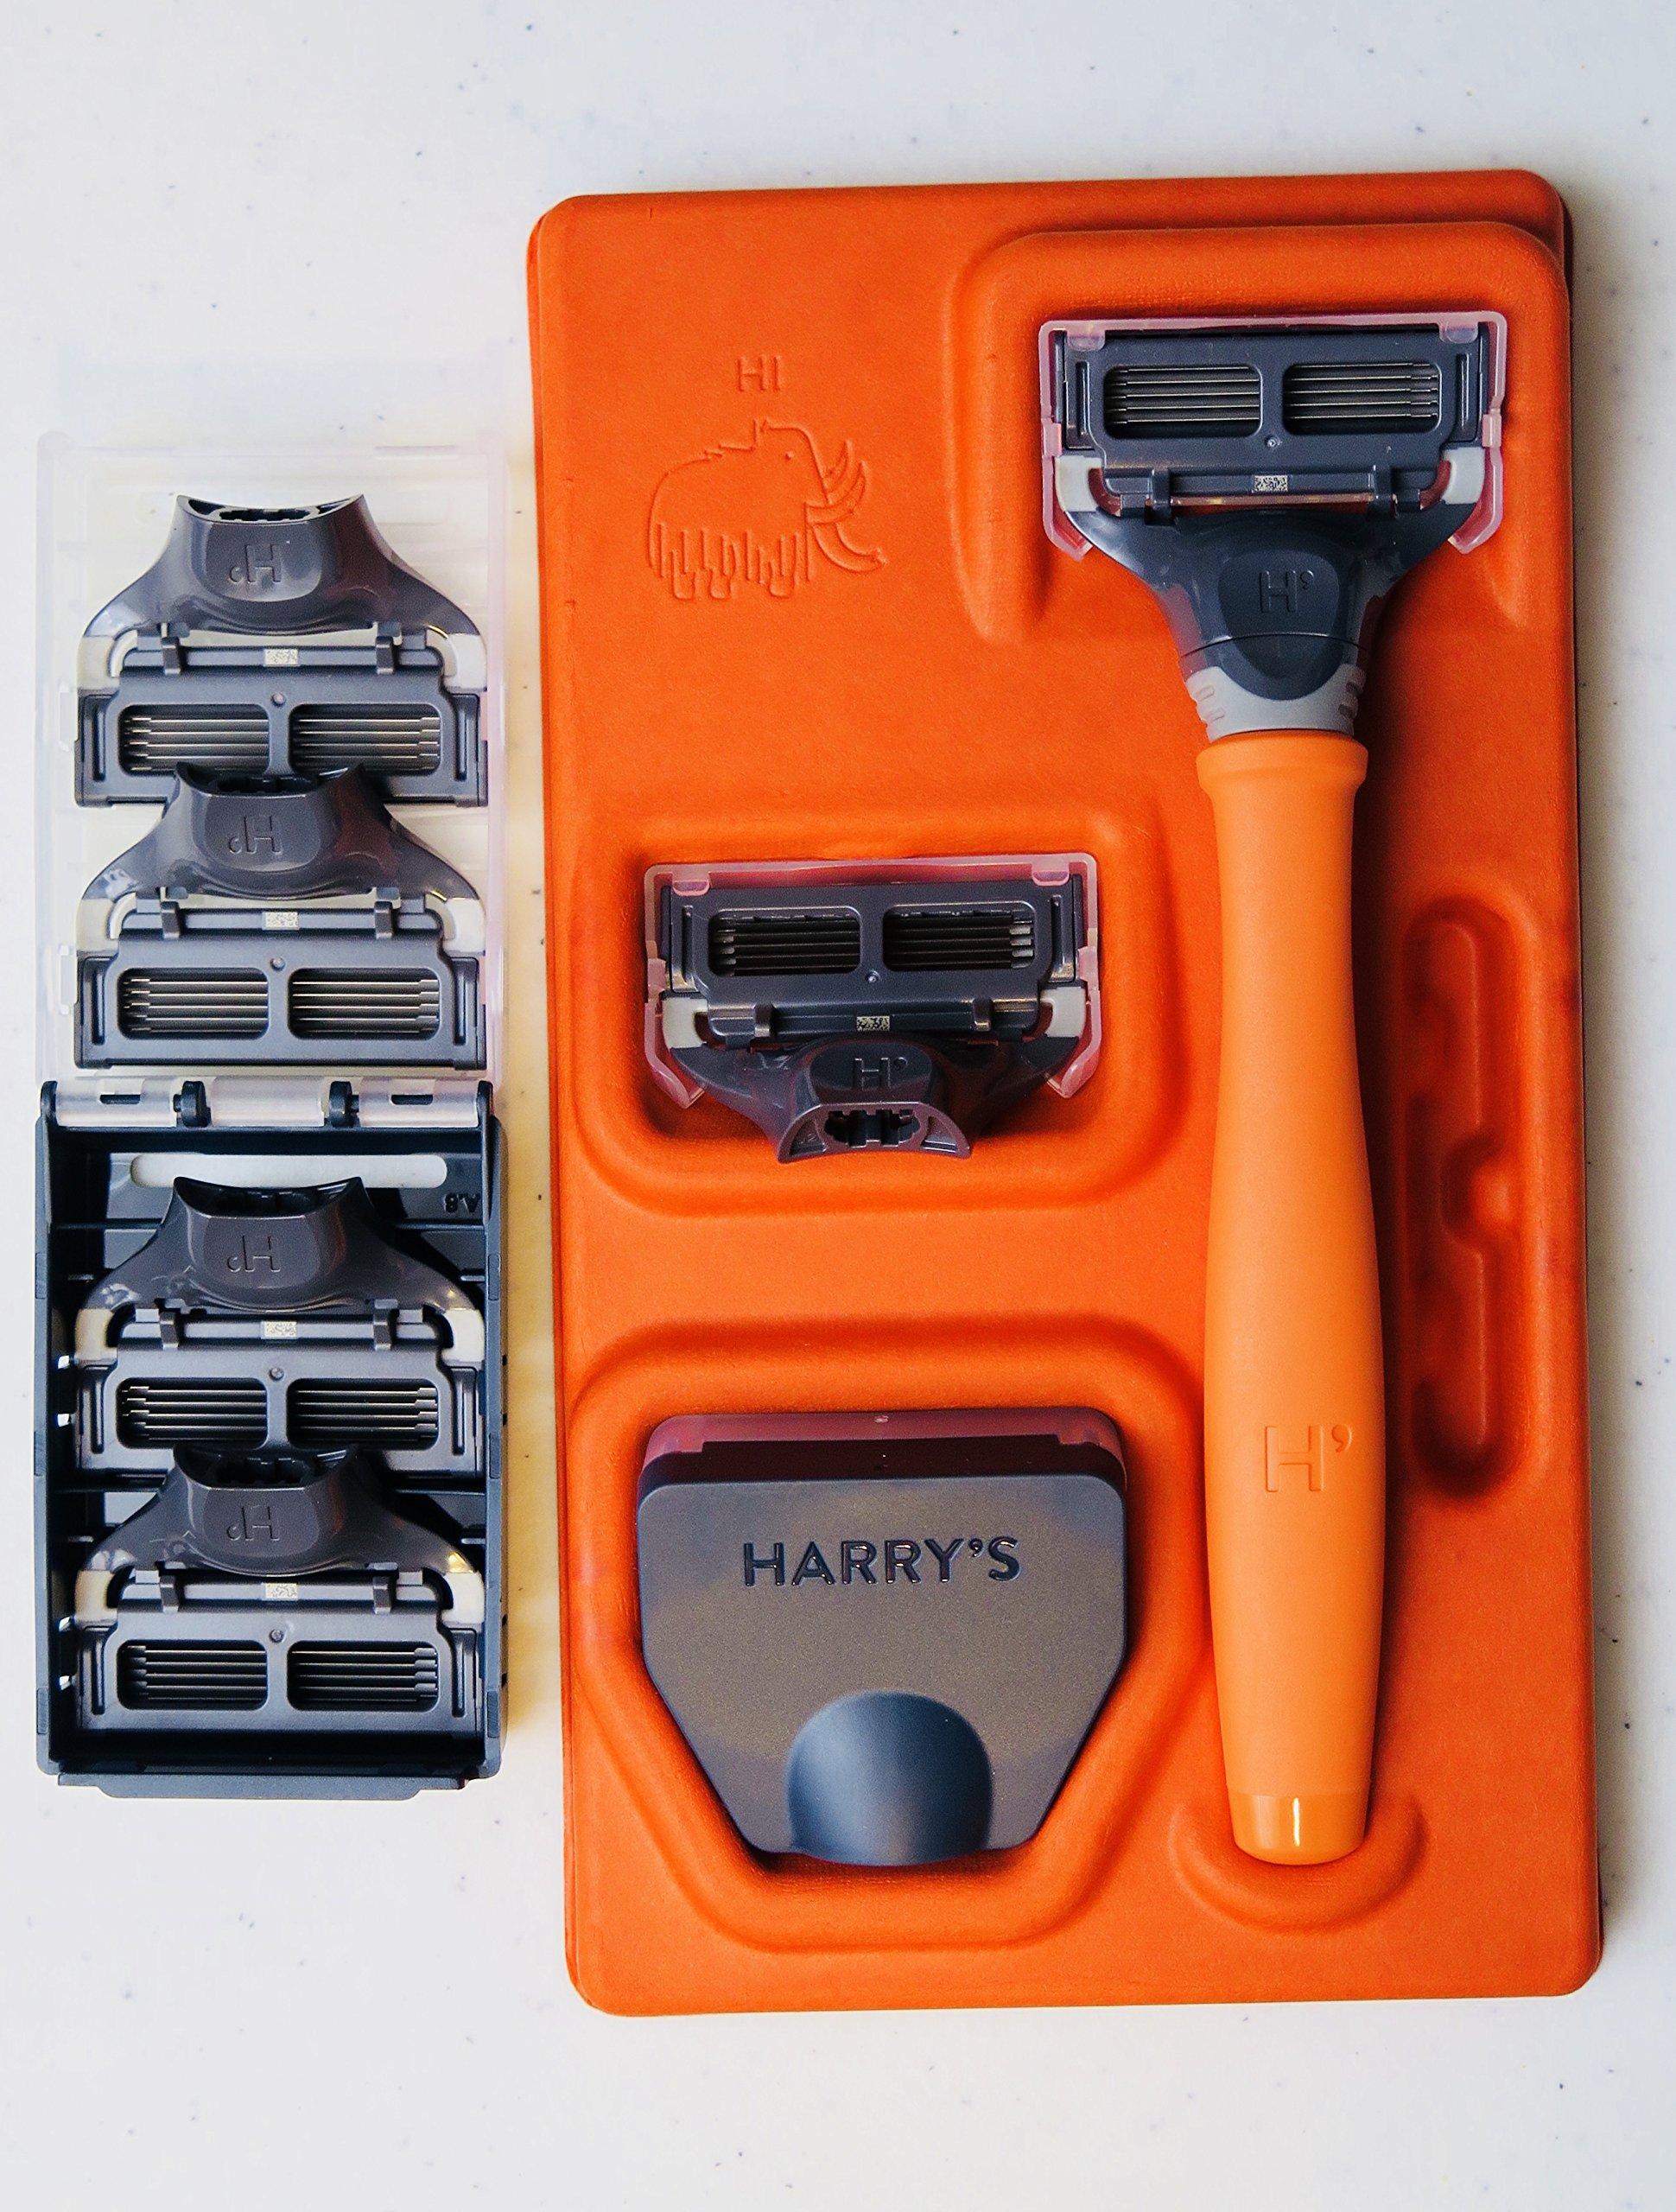 who makes harrys razor blades